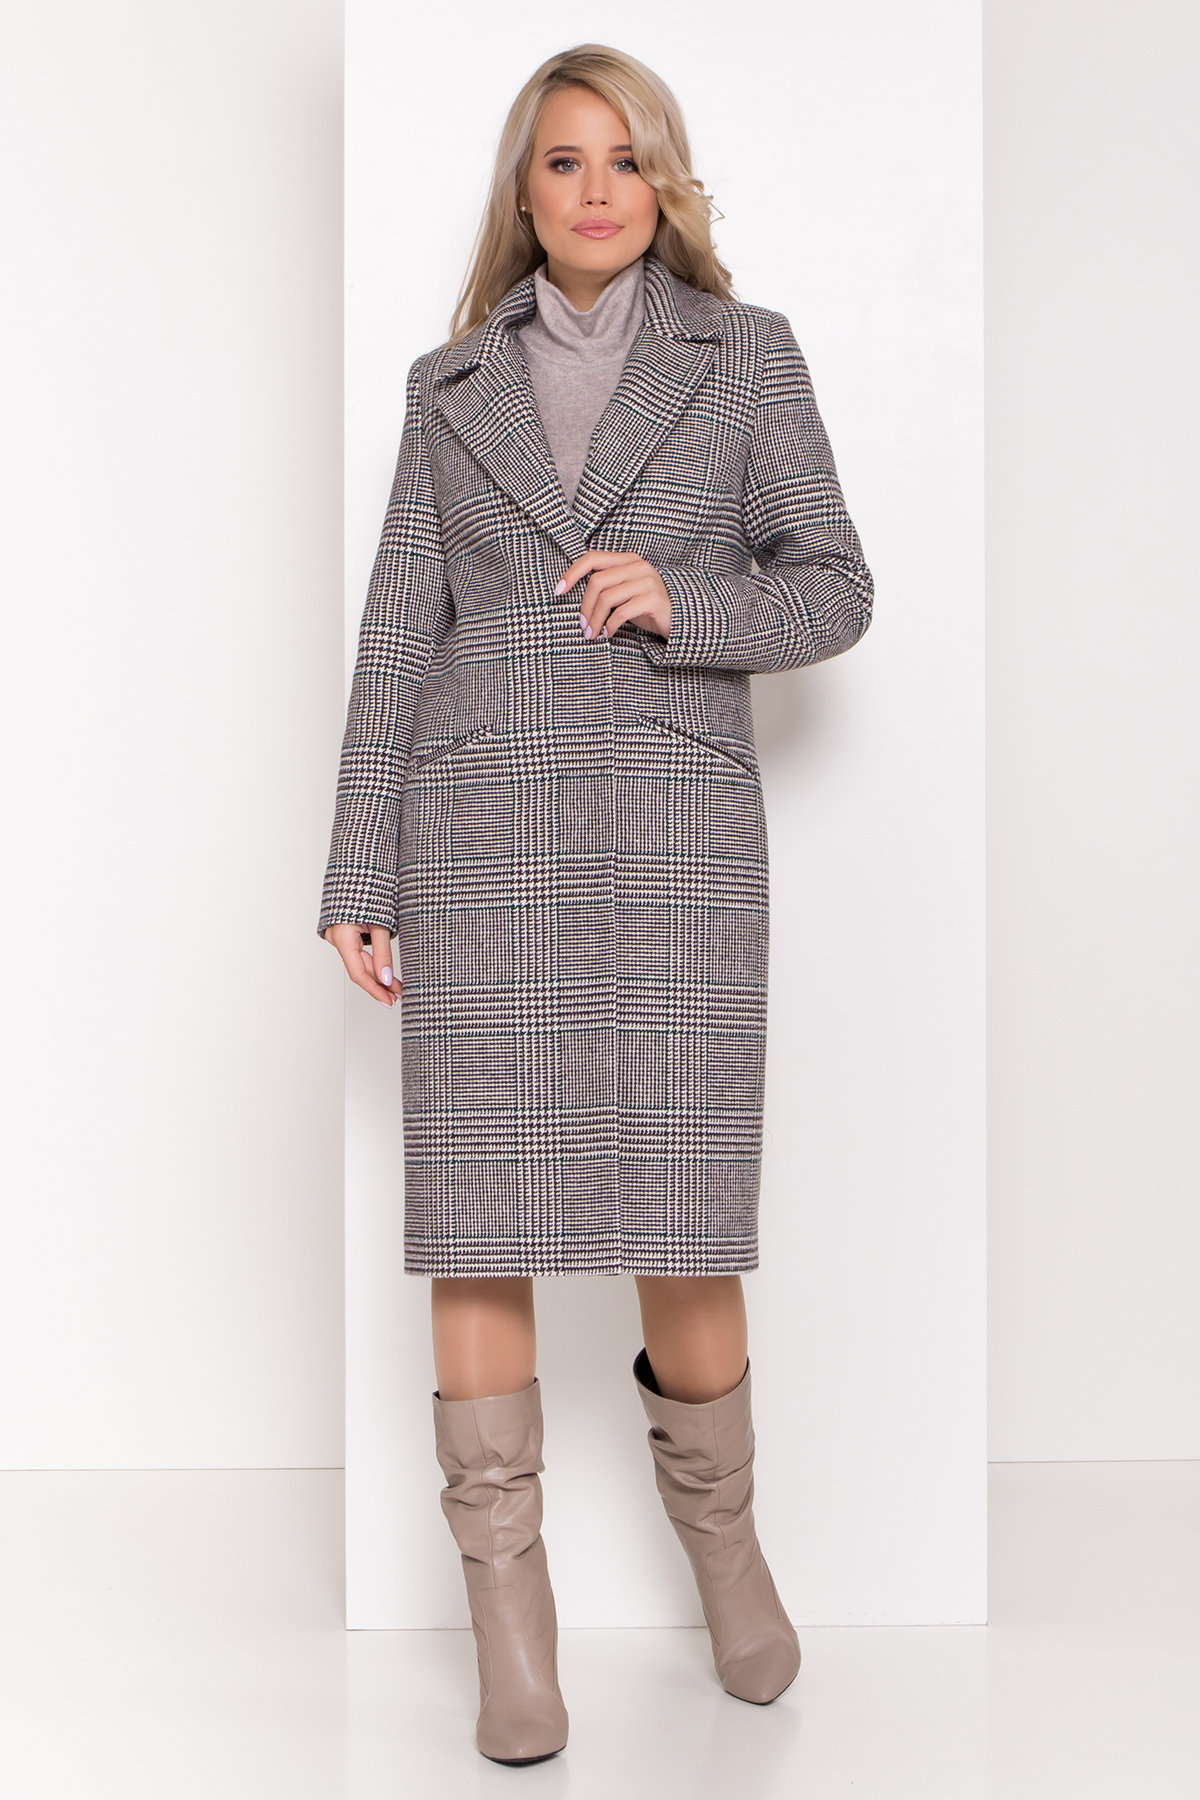 Пальто зима Эрли 8267 АРТ. 44346 Цвет: Клетка кр чер/мол/изумр - фото 3, интернет магазин tm-modus.ru